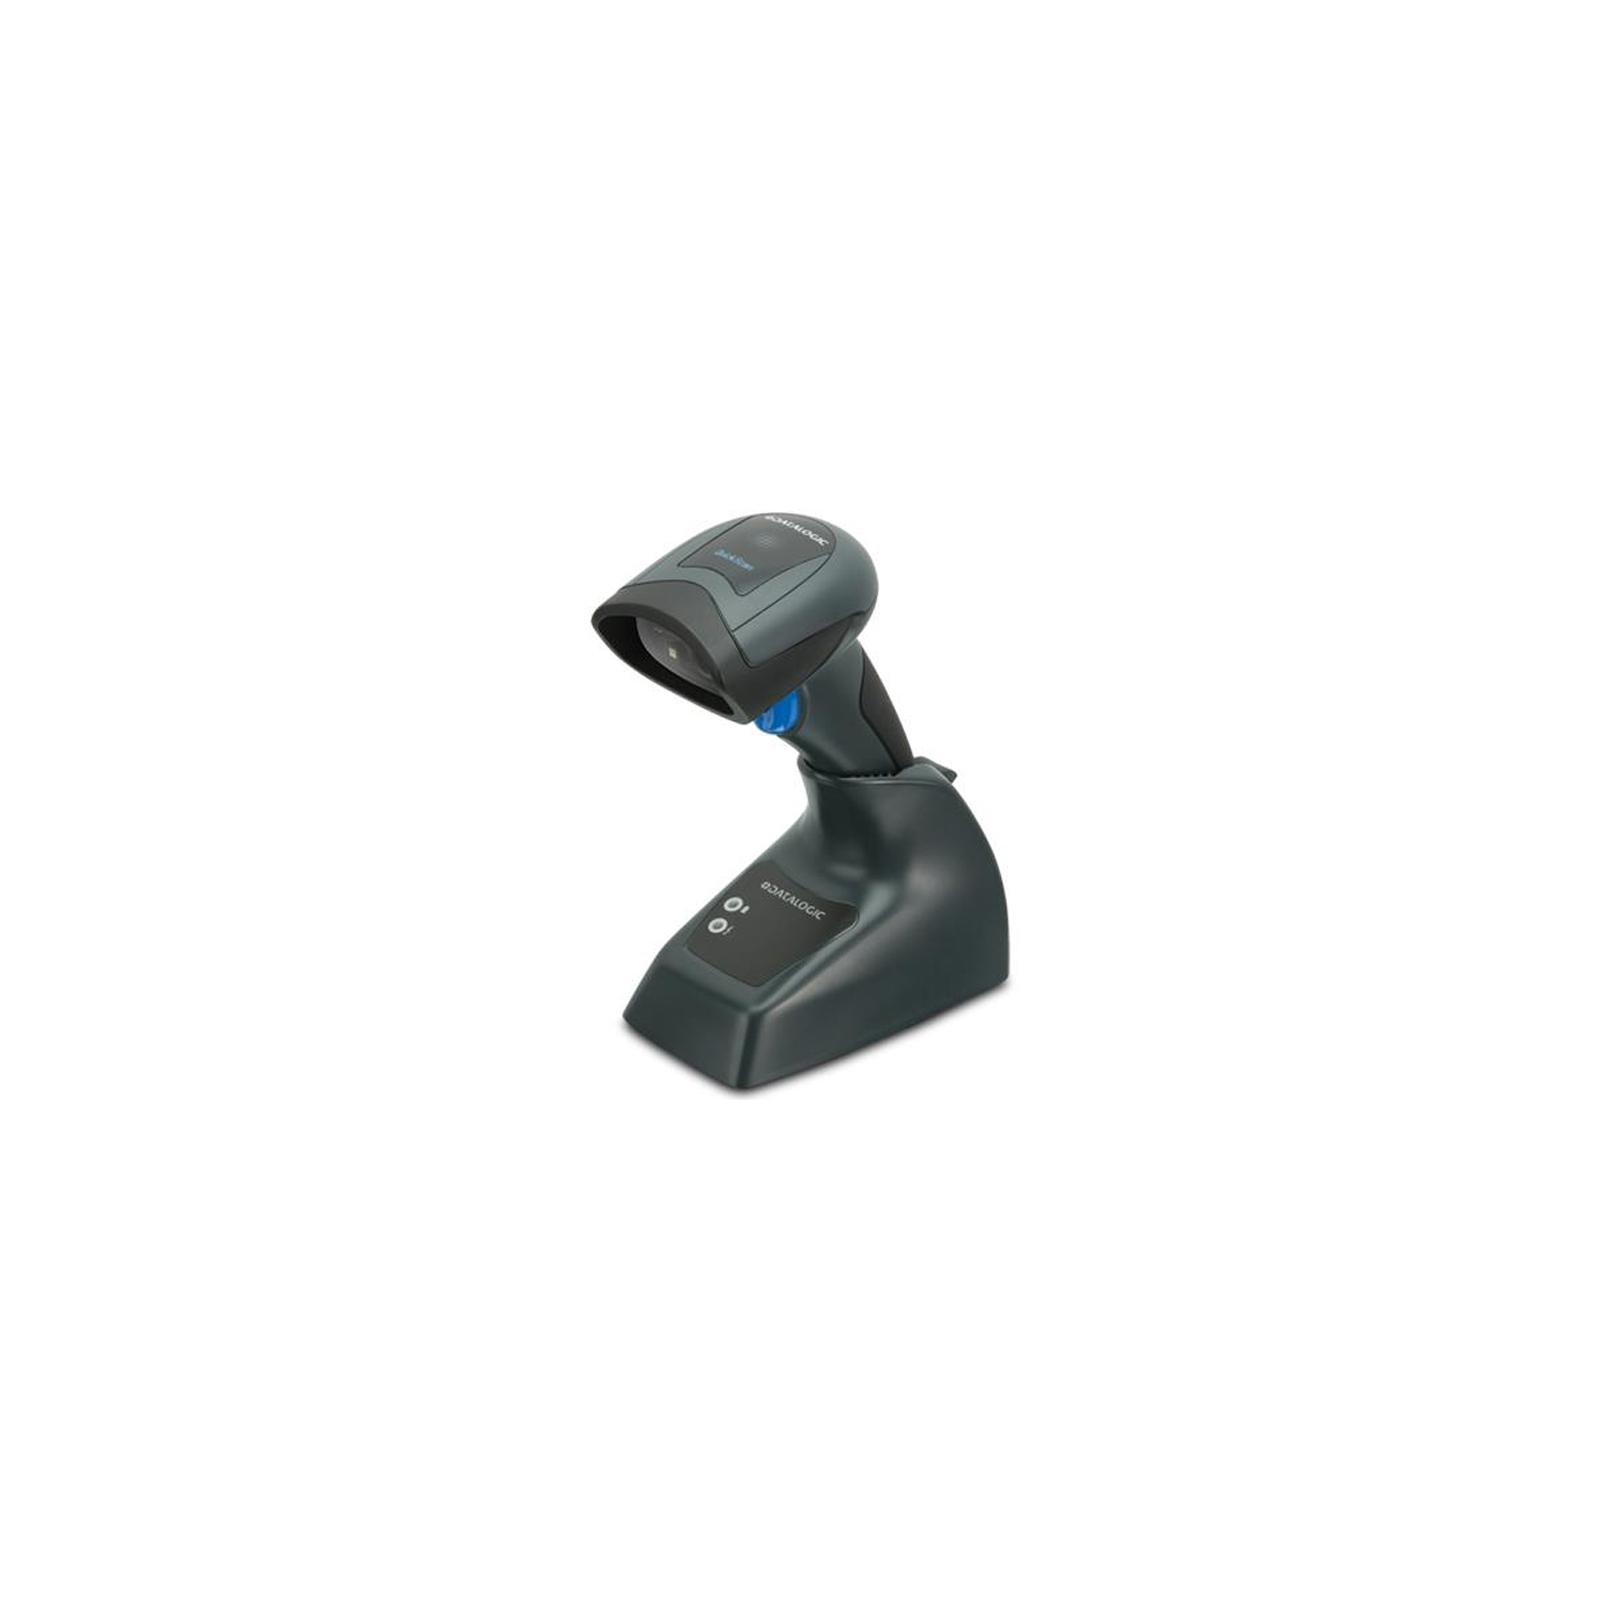 Сканер штрих-кода Datalogic QuickScan I QBT2400 Bluetooth (QBT2430-BK-BTK1) изображение 2